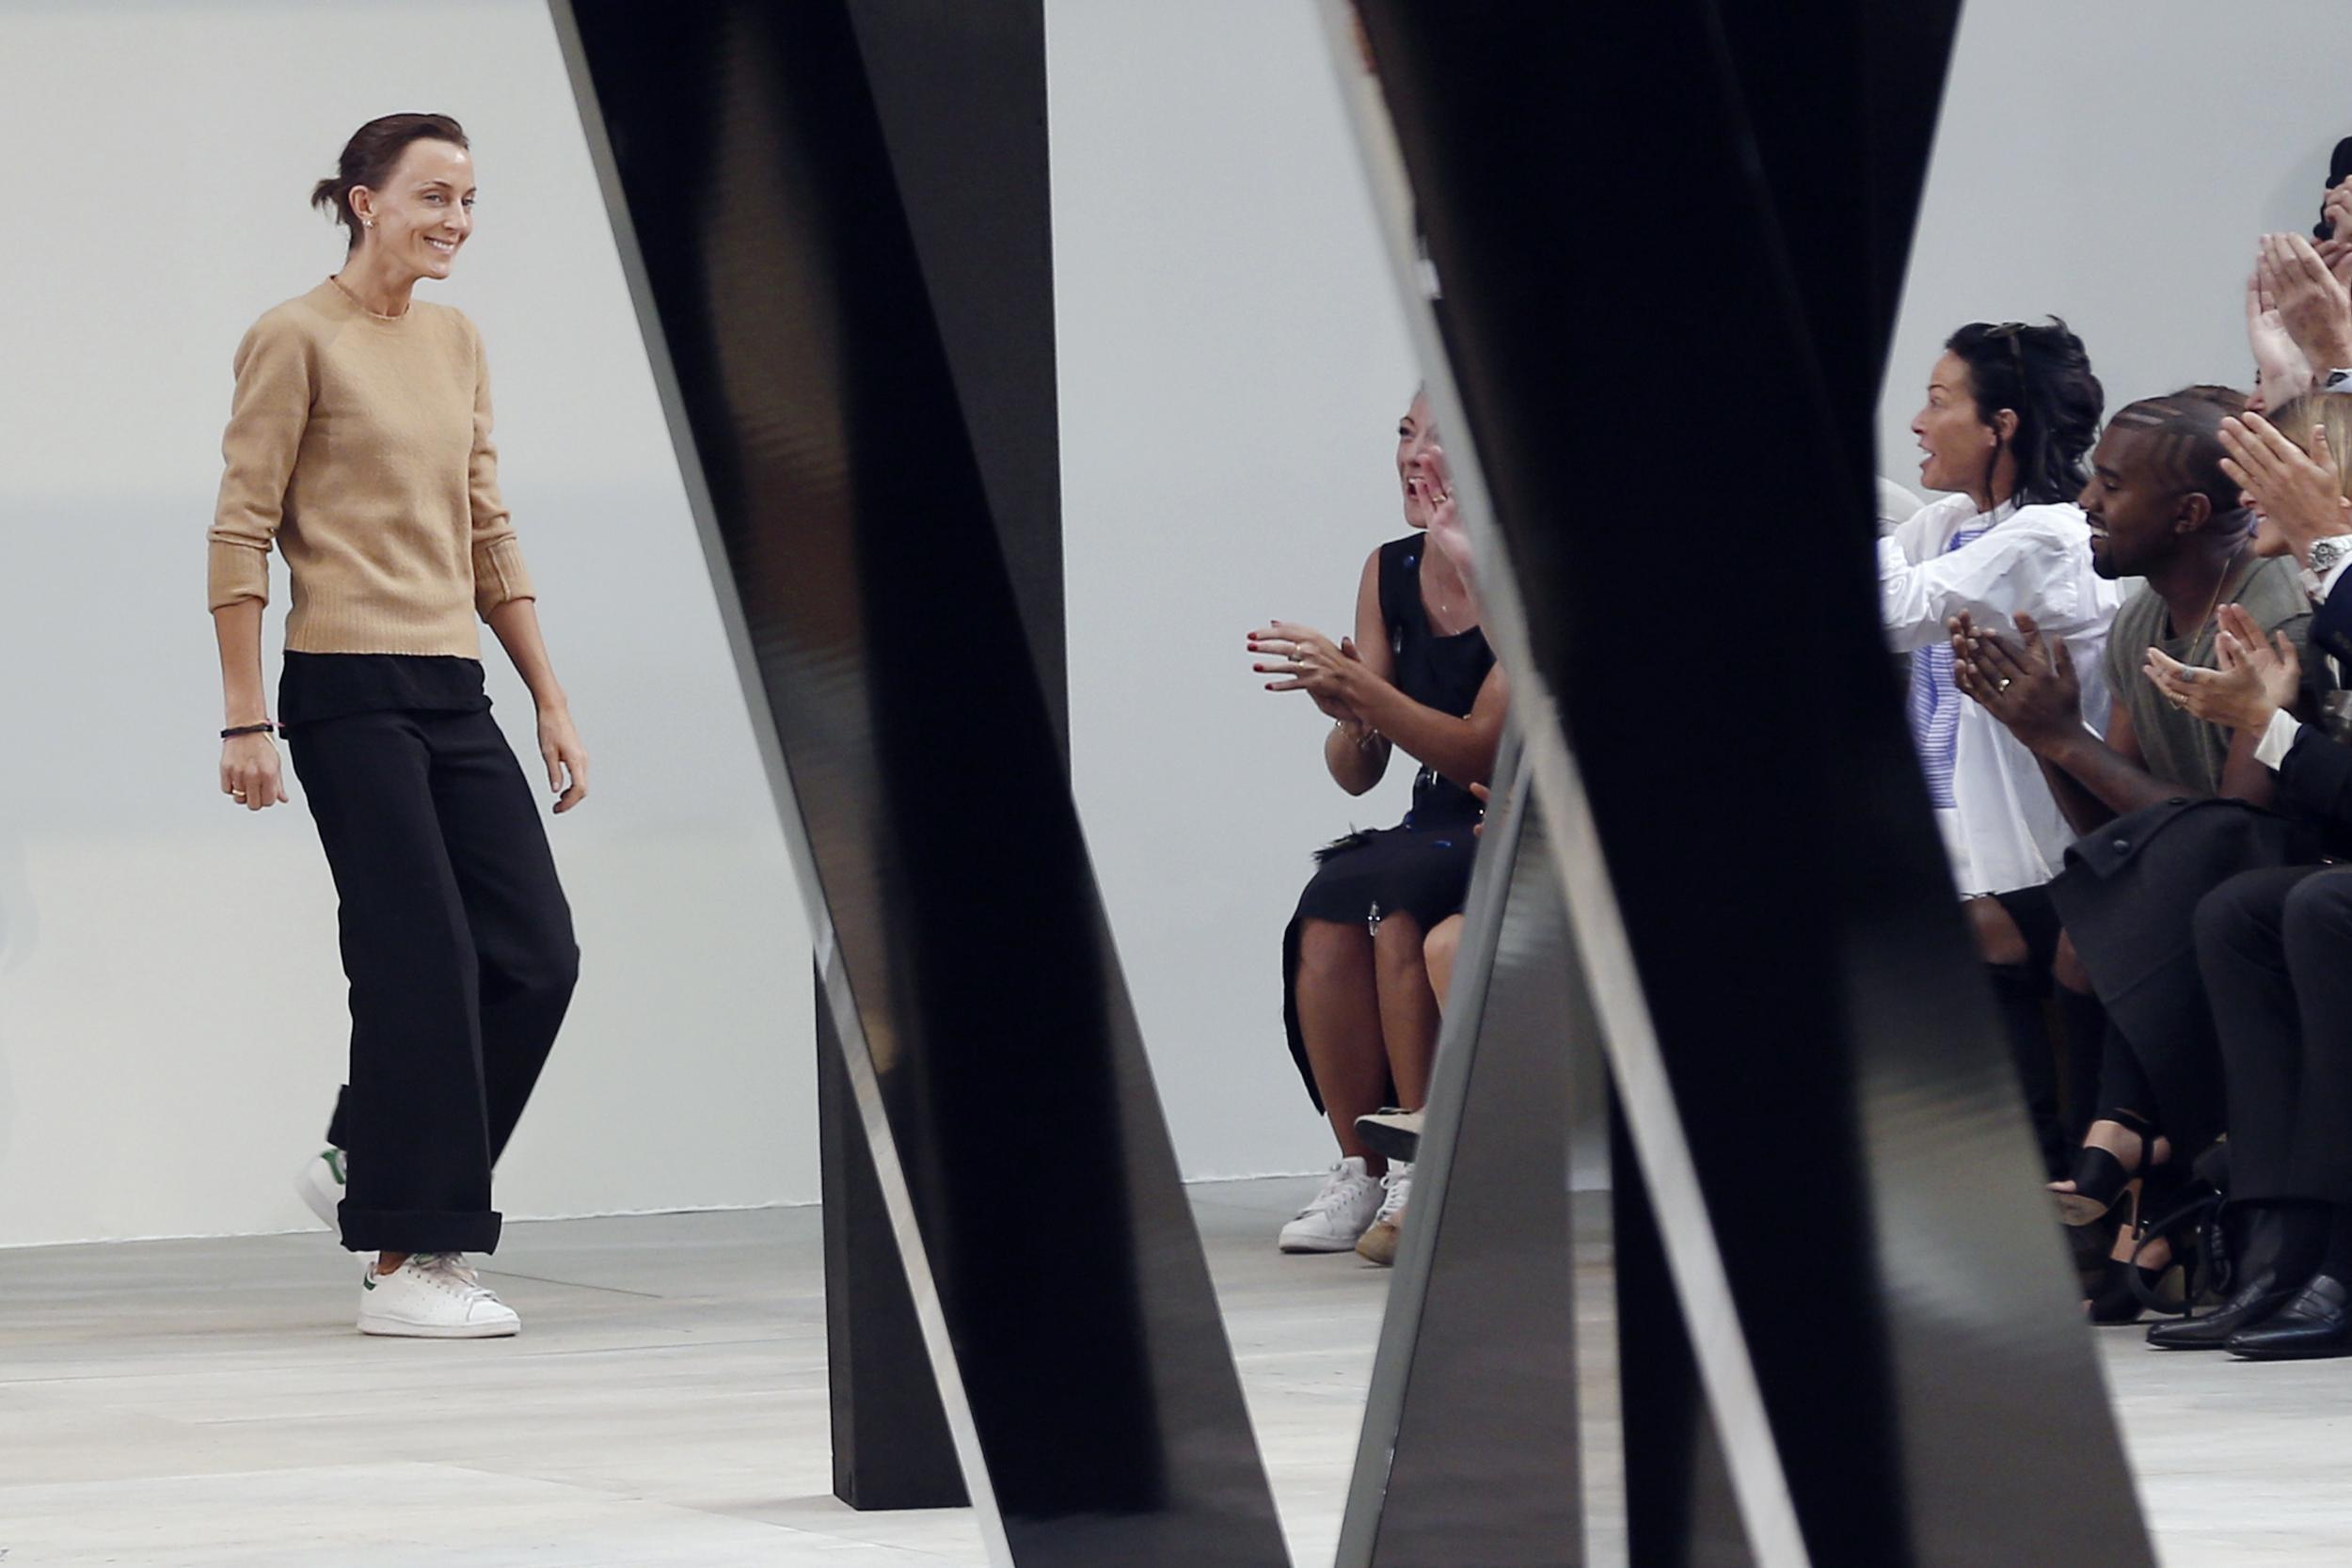 Fourth wave fashion